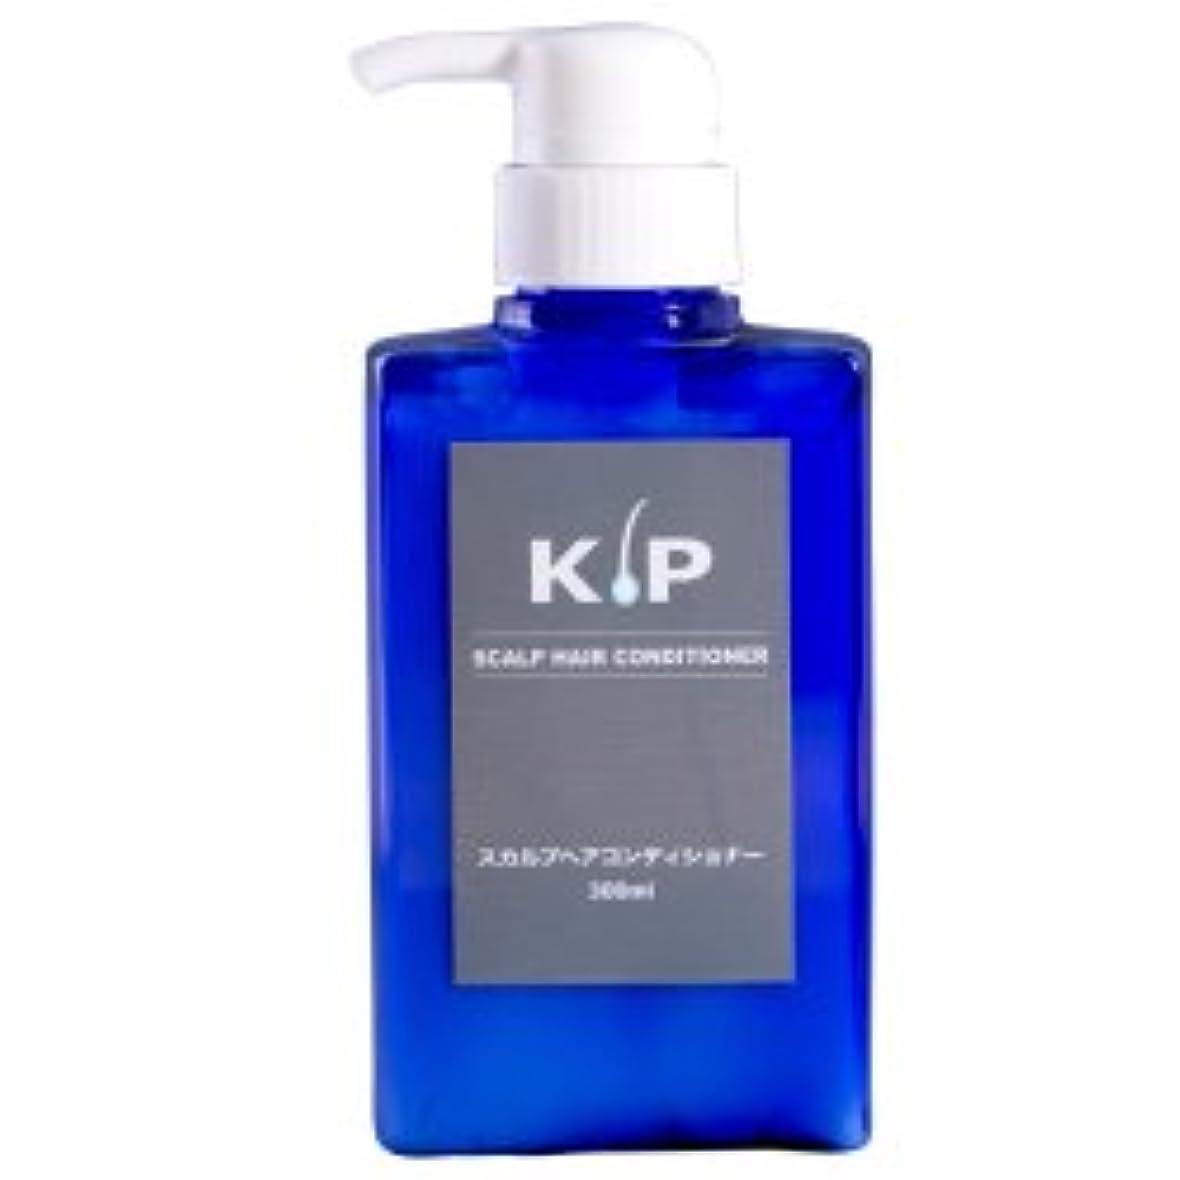 延ばす比類なきメイドKIP スカルプヘア コンディショナー